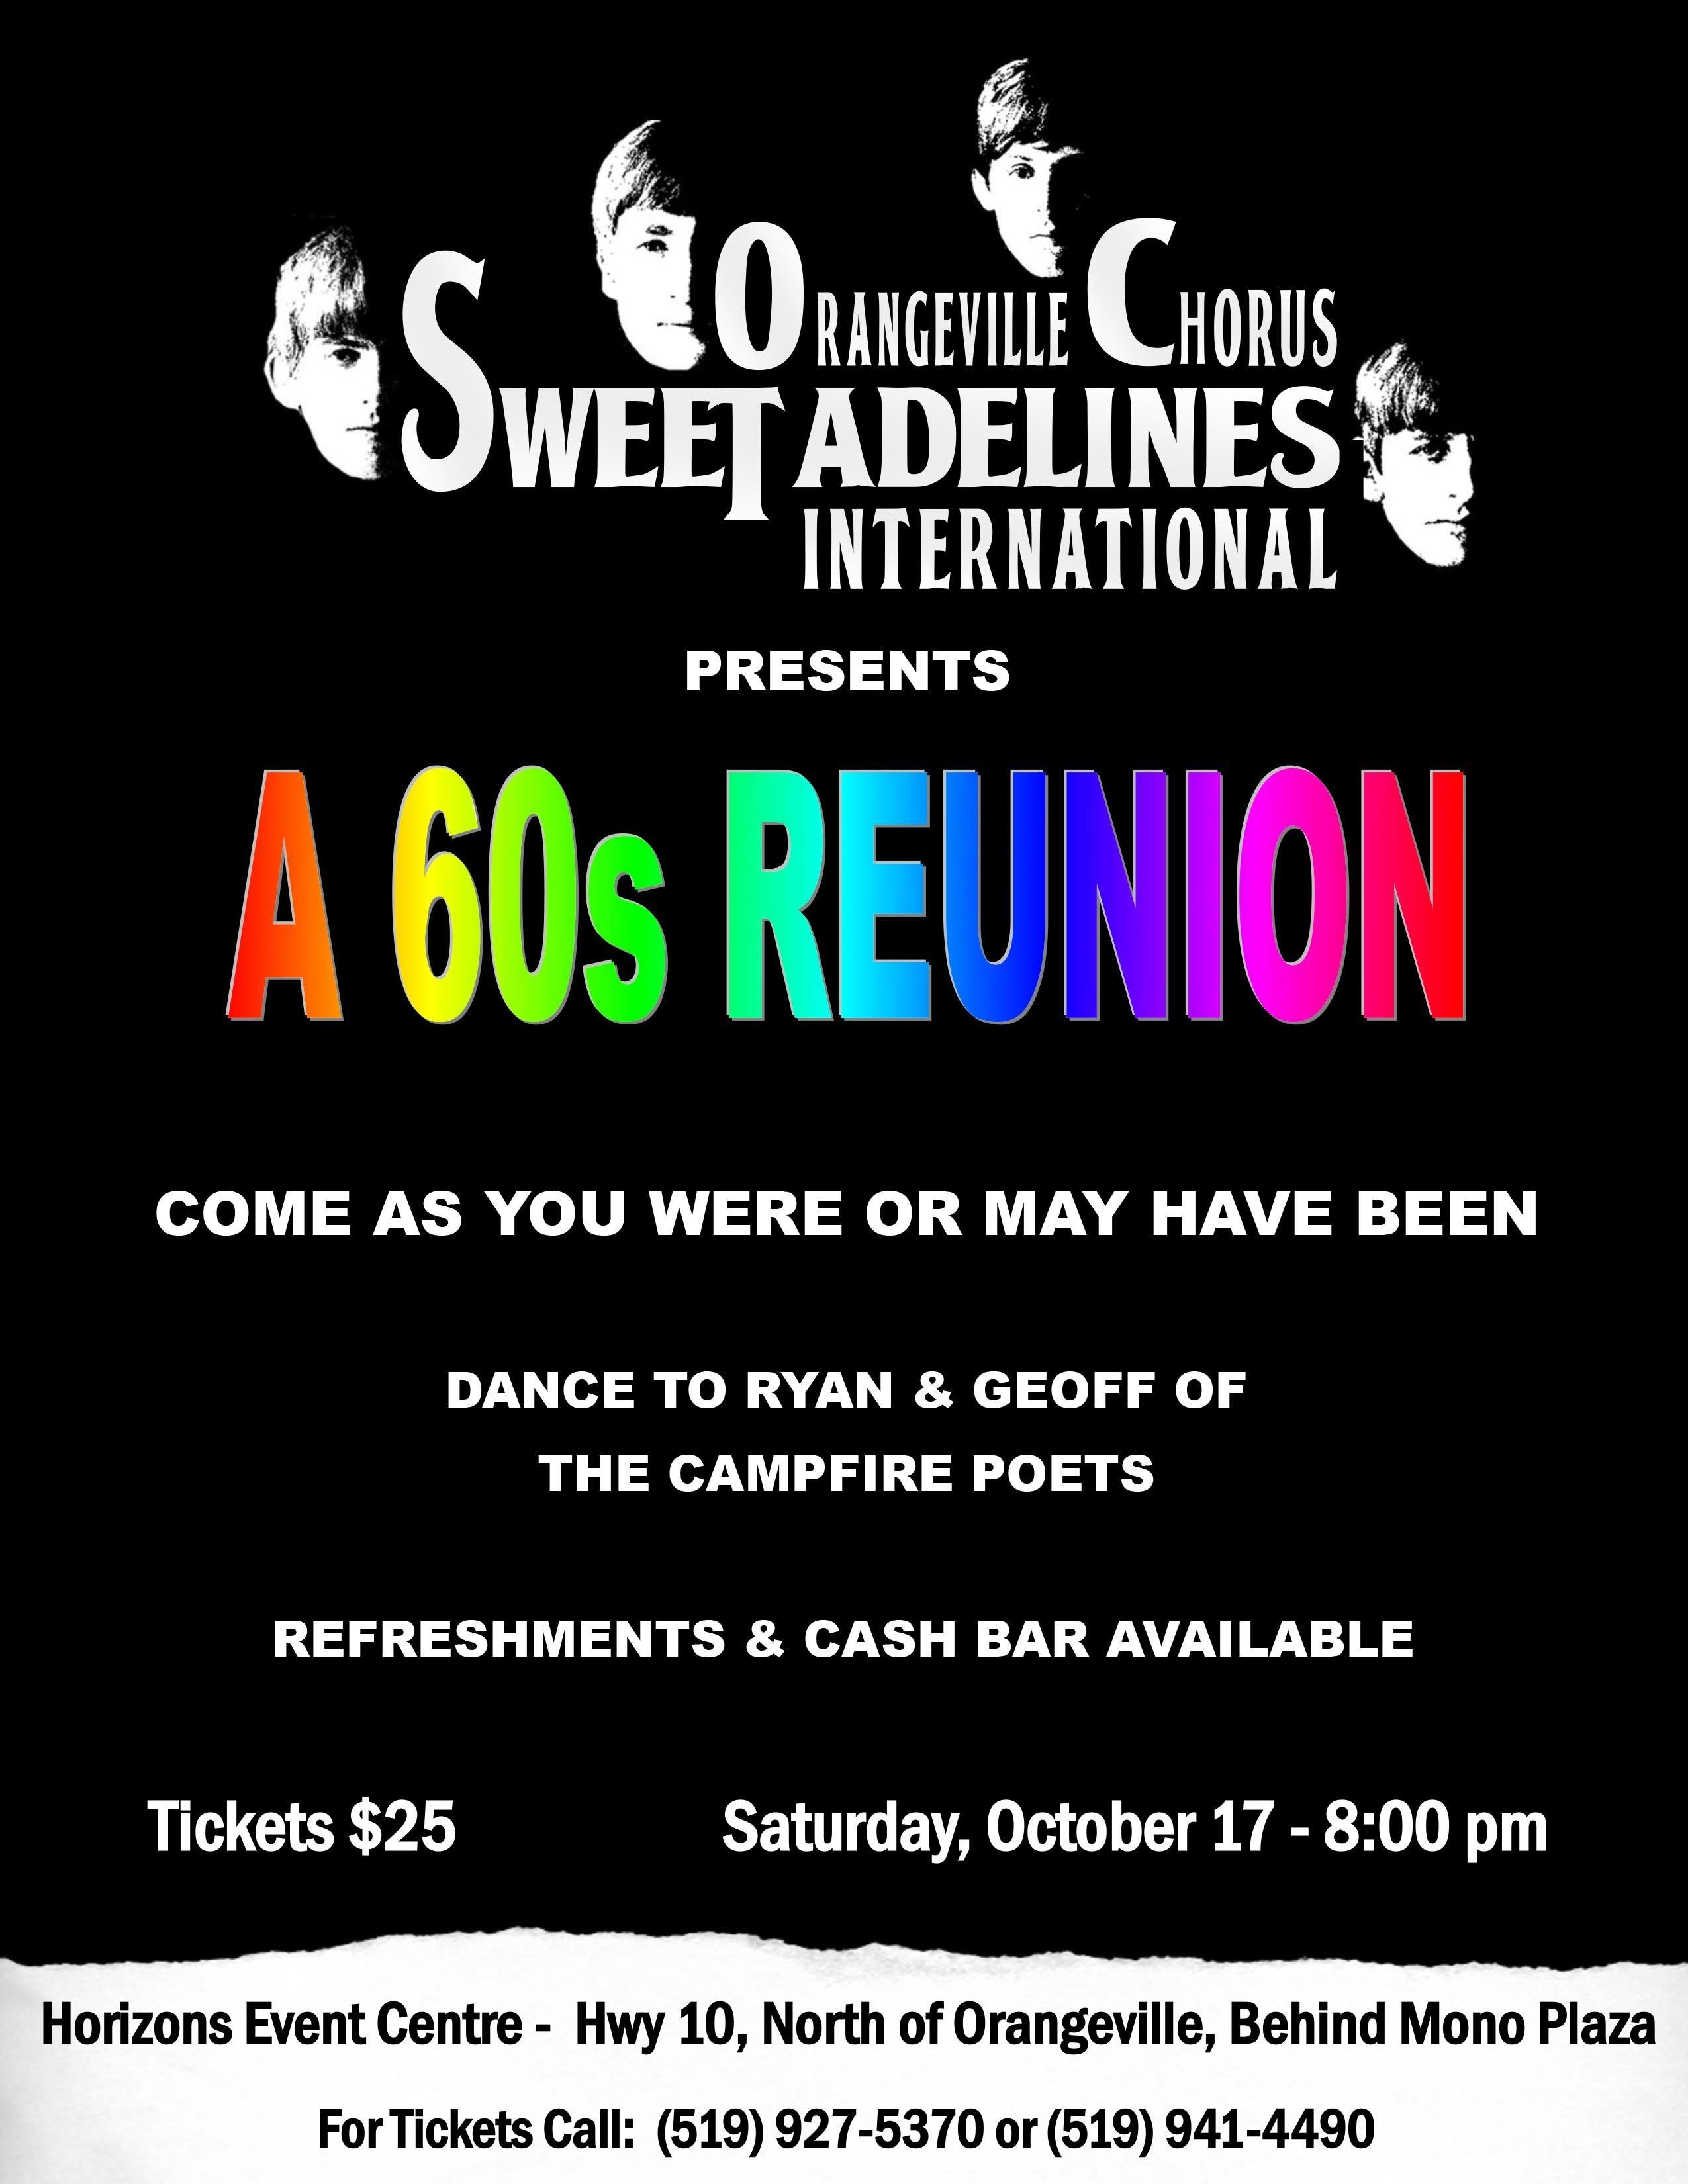 60s Show & Dance - October 17, 2015